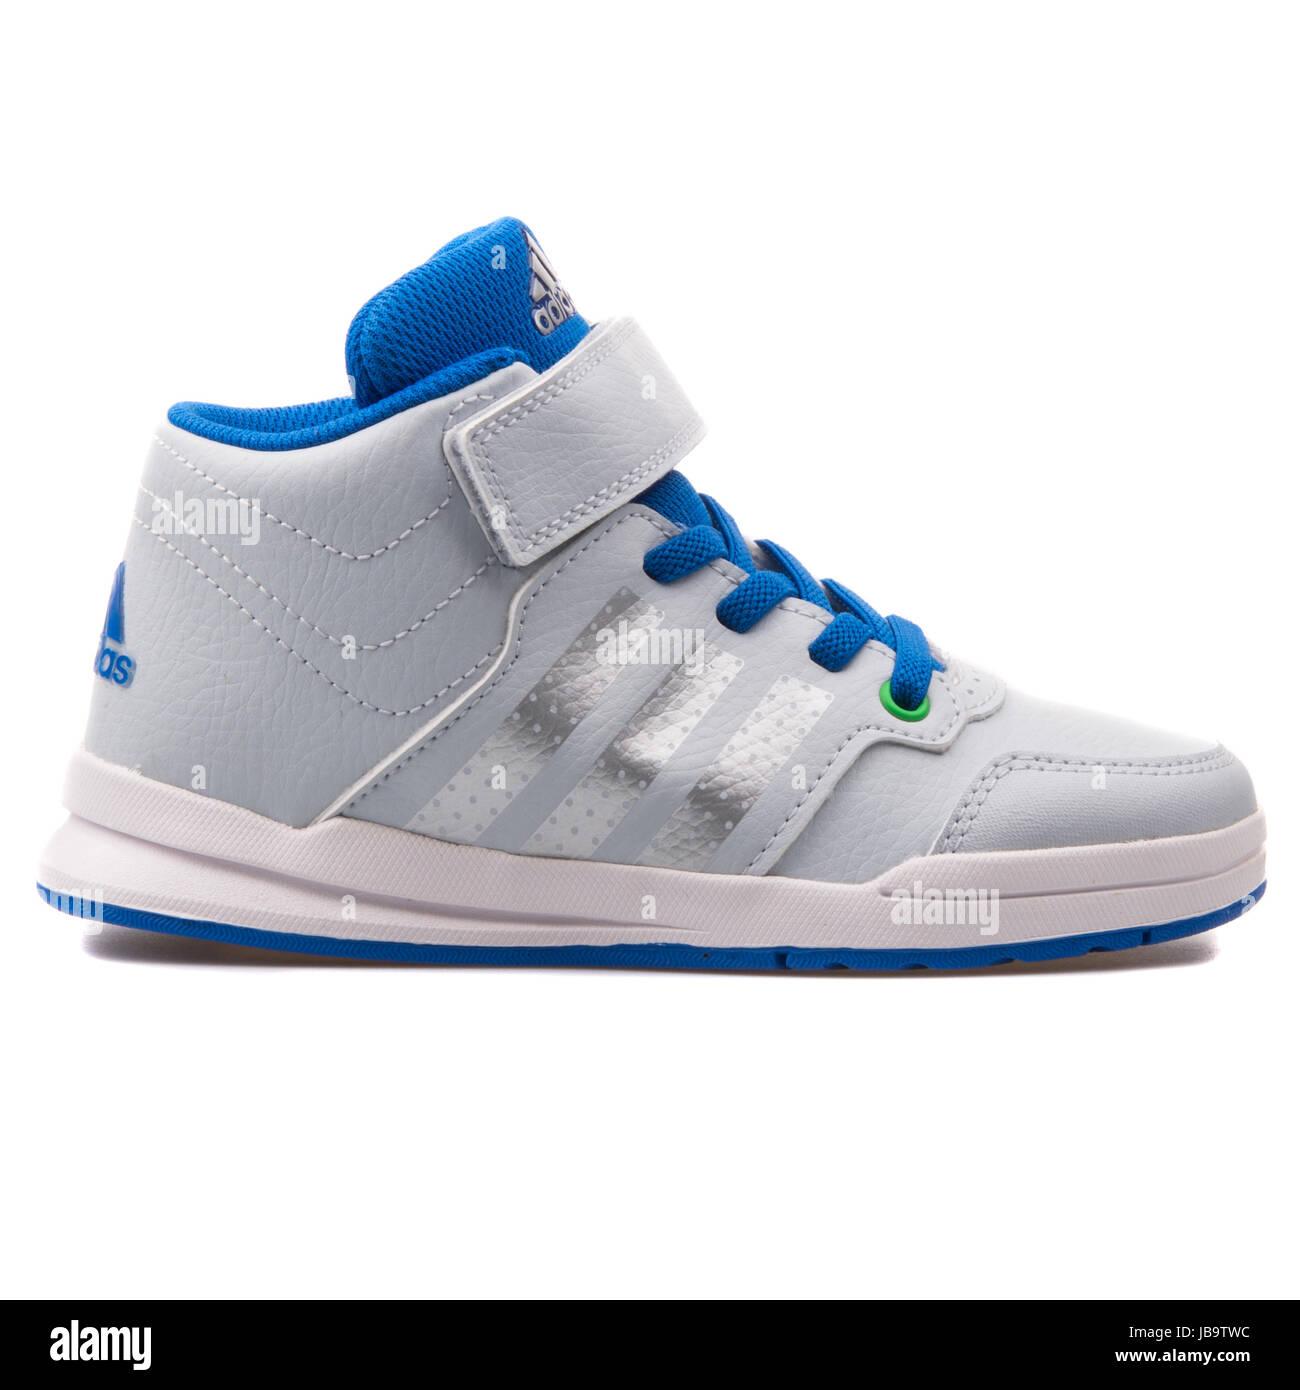 info for 67f05 b57cd Adidas Jan BS 2 mediados C plata y azul para niños zapatillas deportivas -  B23906 Imagen